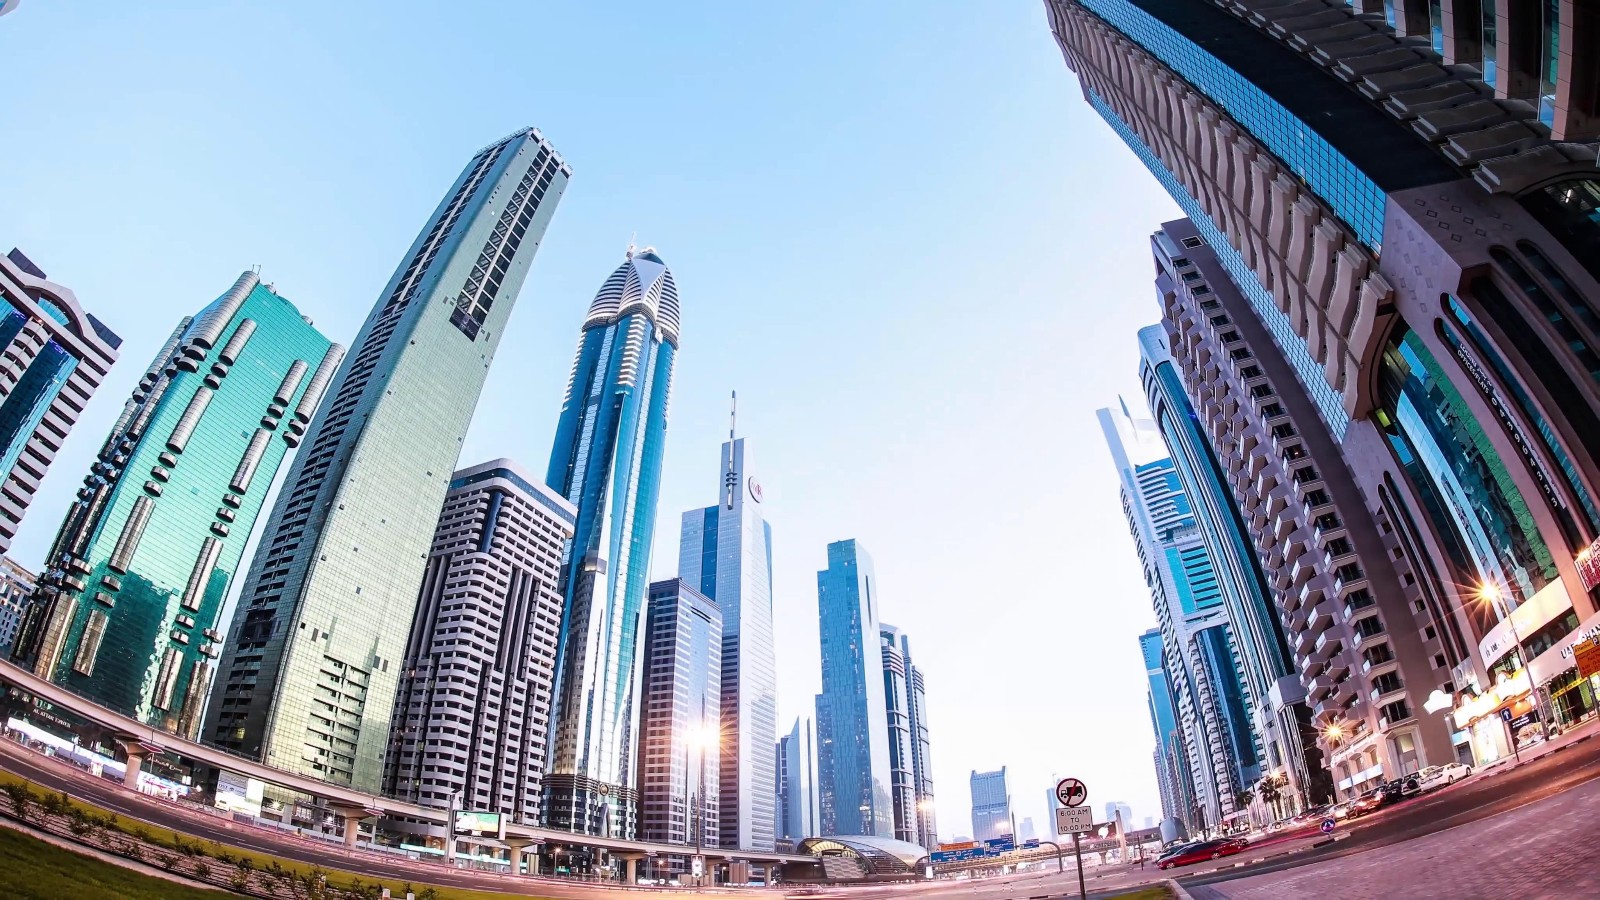 迪拜旅行帆船酒店街道高清实拍